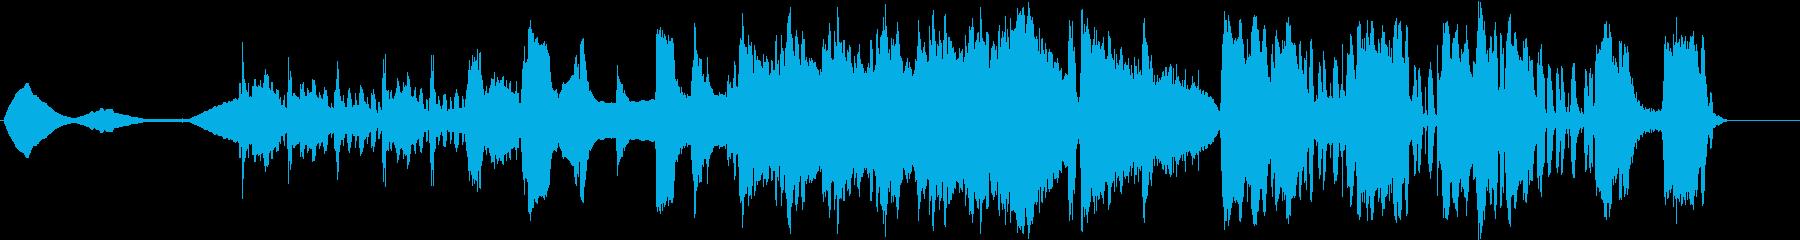 T.V.コンテンポラリーインスト暗...の再生済みの波形